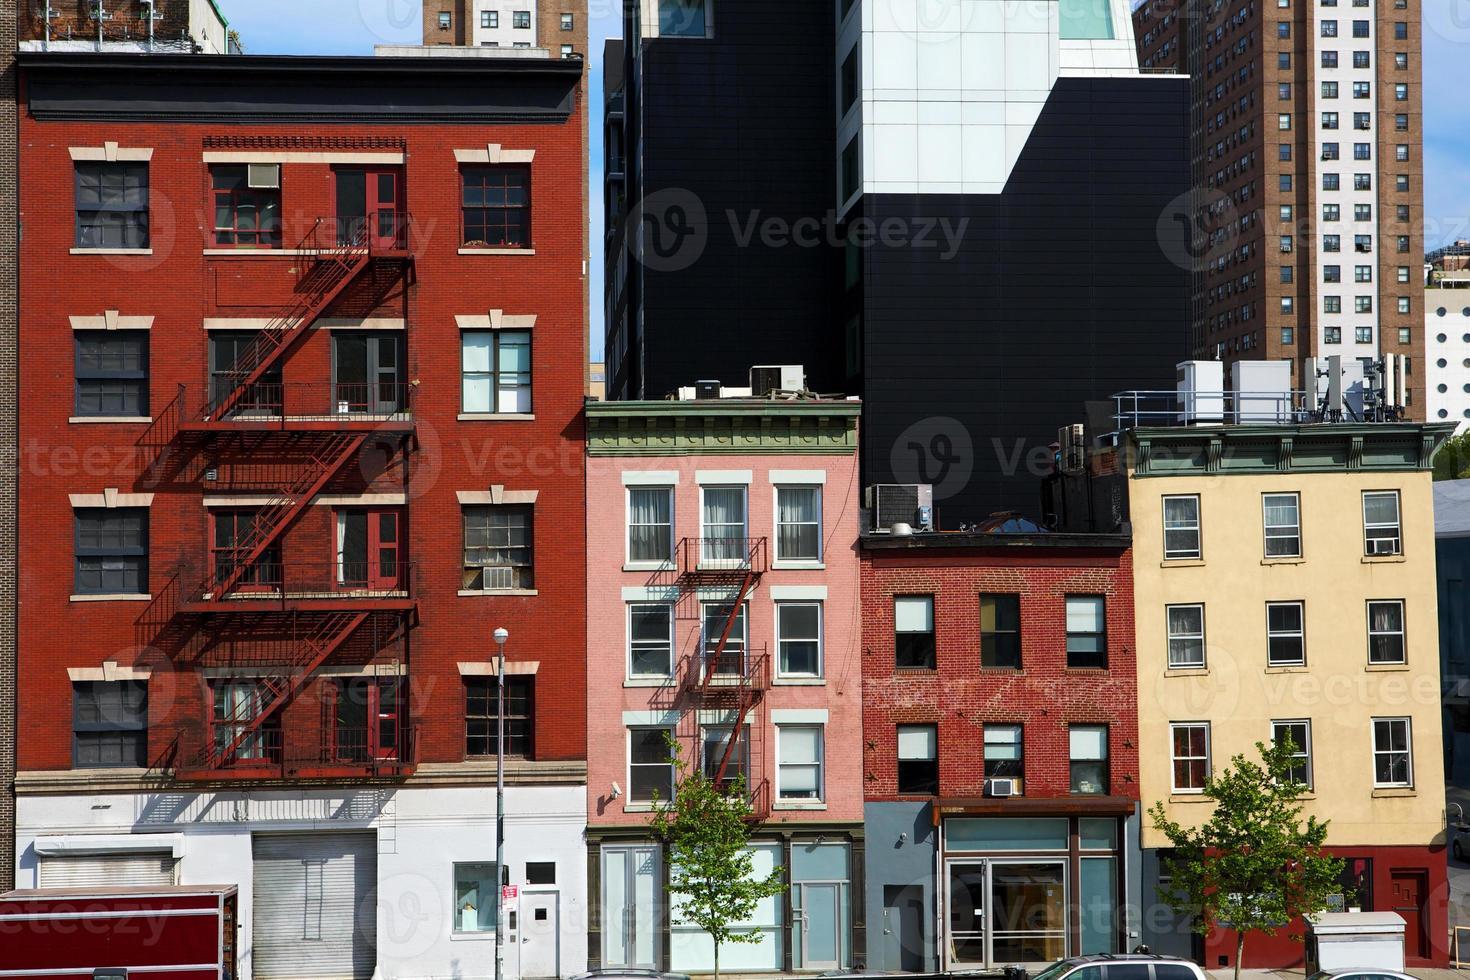 arquitectura de la ciudad de nueva york foto